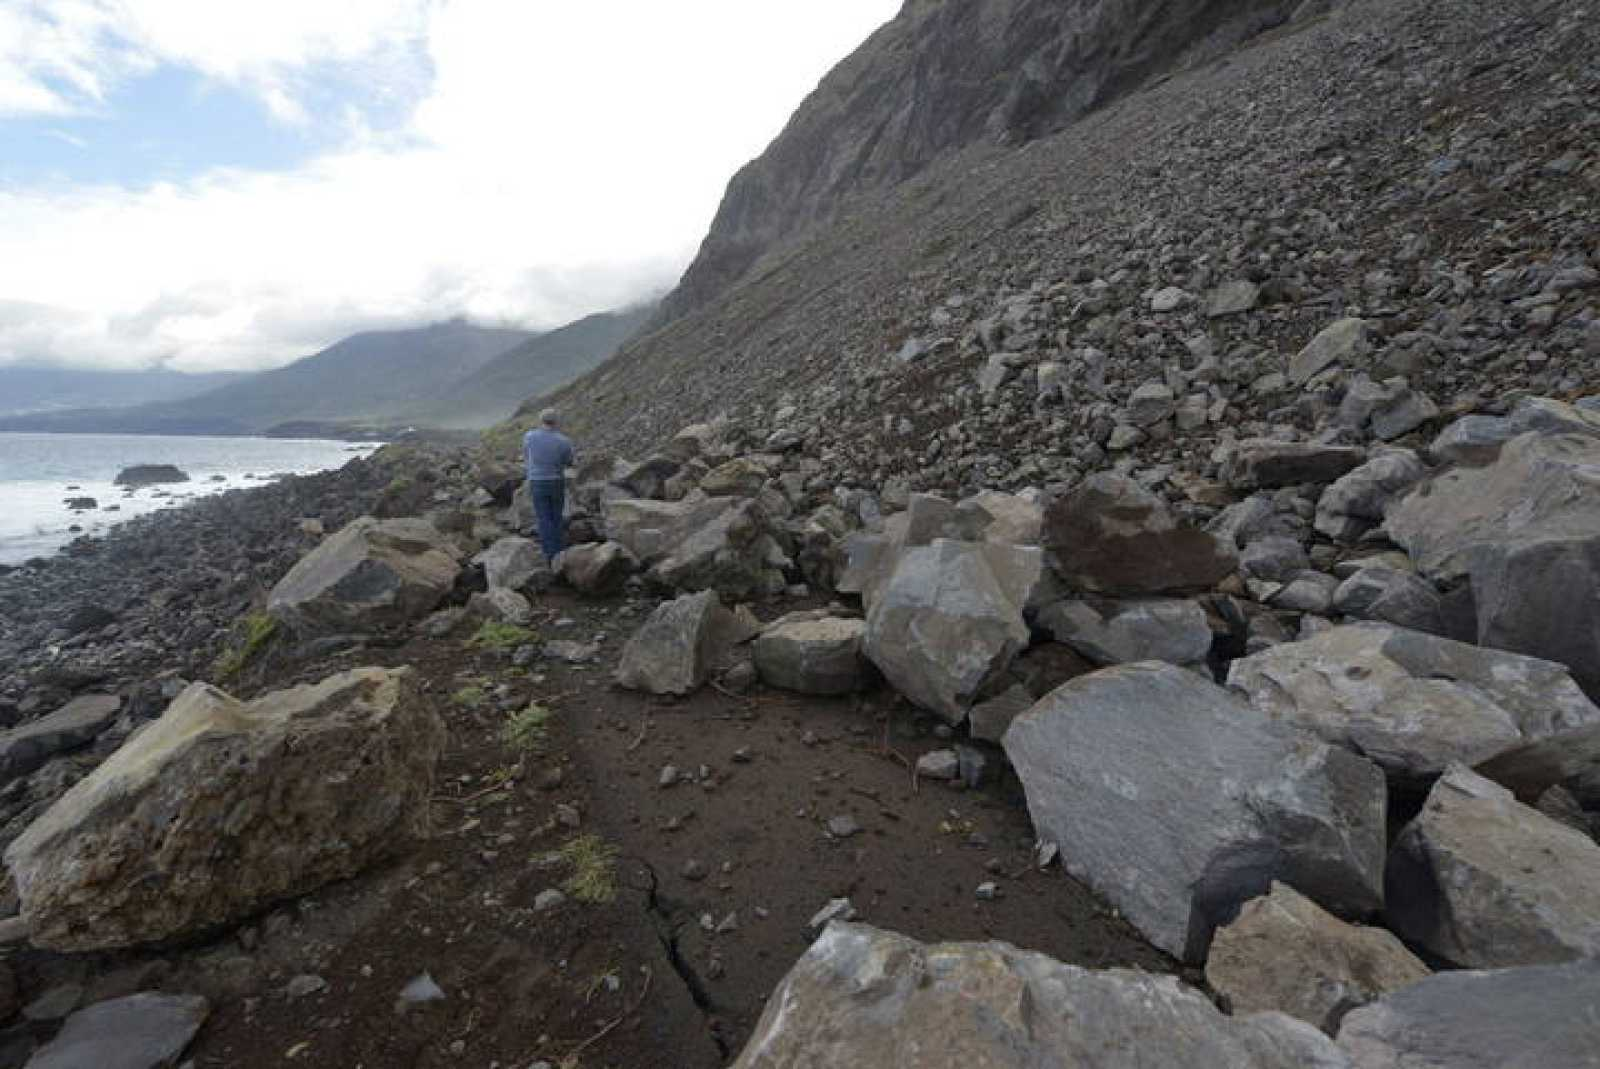 Daños del terremoto del viernes 27 de diciembre en la carretera de Arenas Blancas (El Hierro).